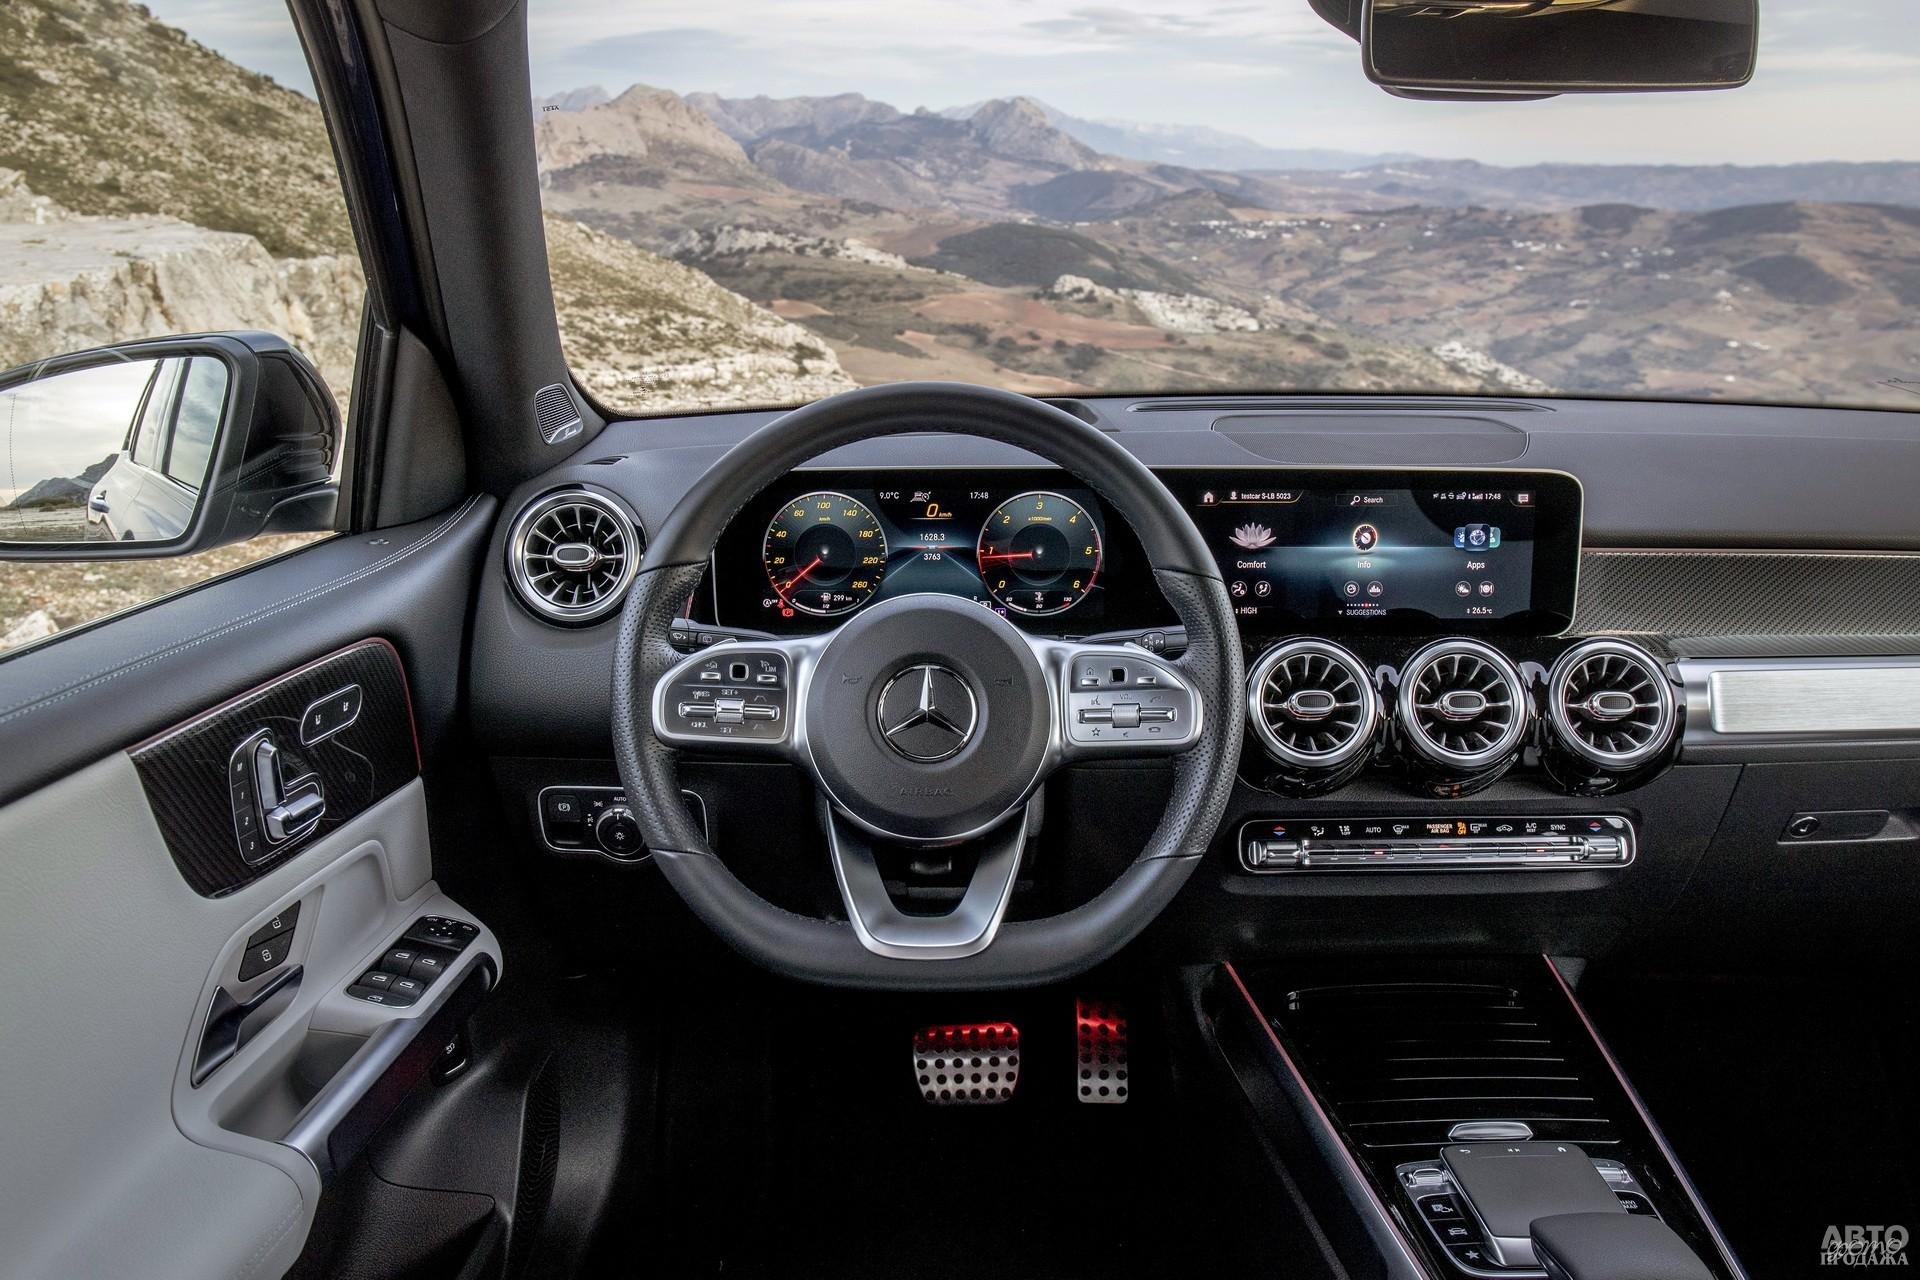 Цифровая панель приборов и сенсорный экран мультимедиа Mеrcedes-Benz сгруппированы в один блок